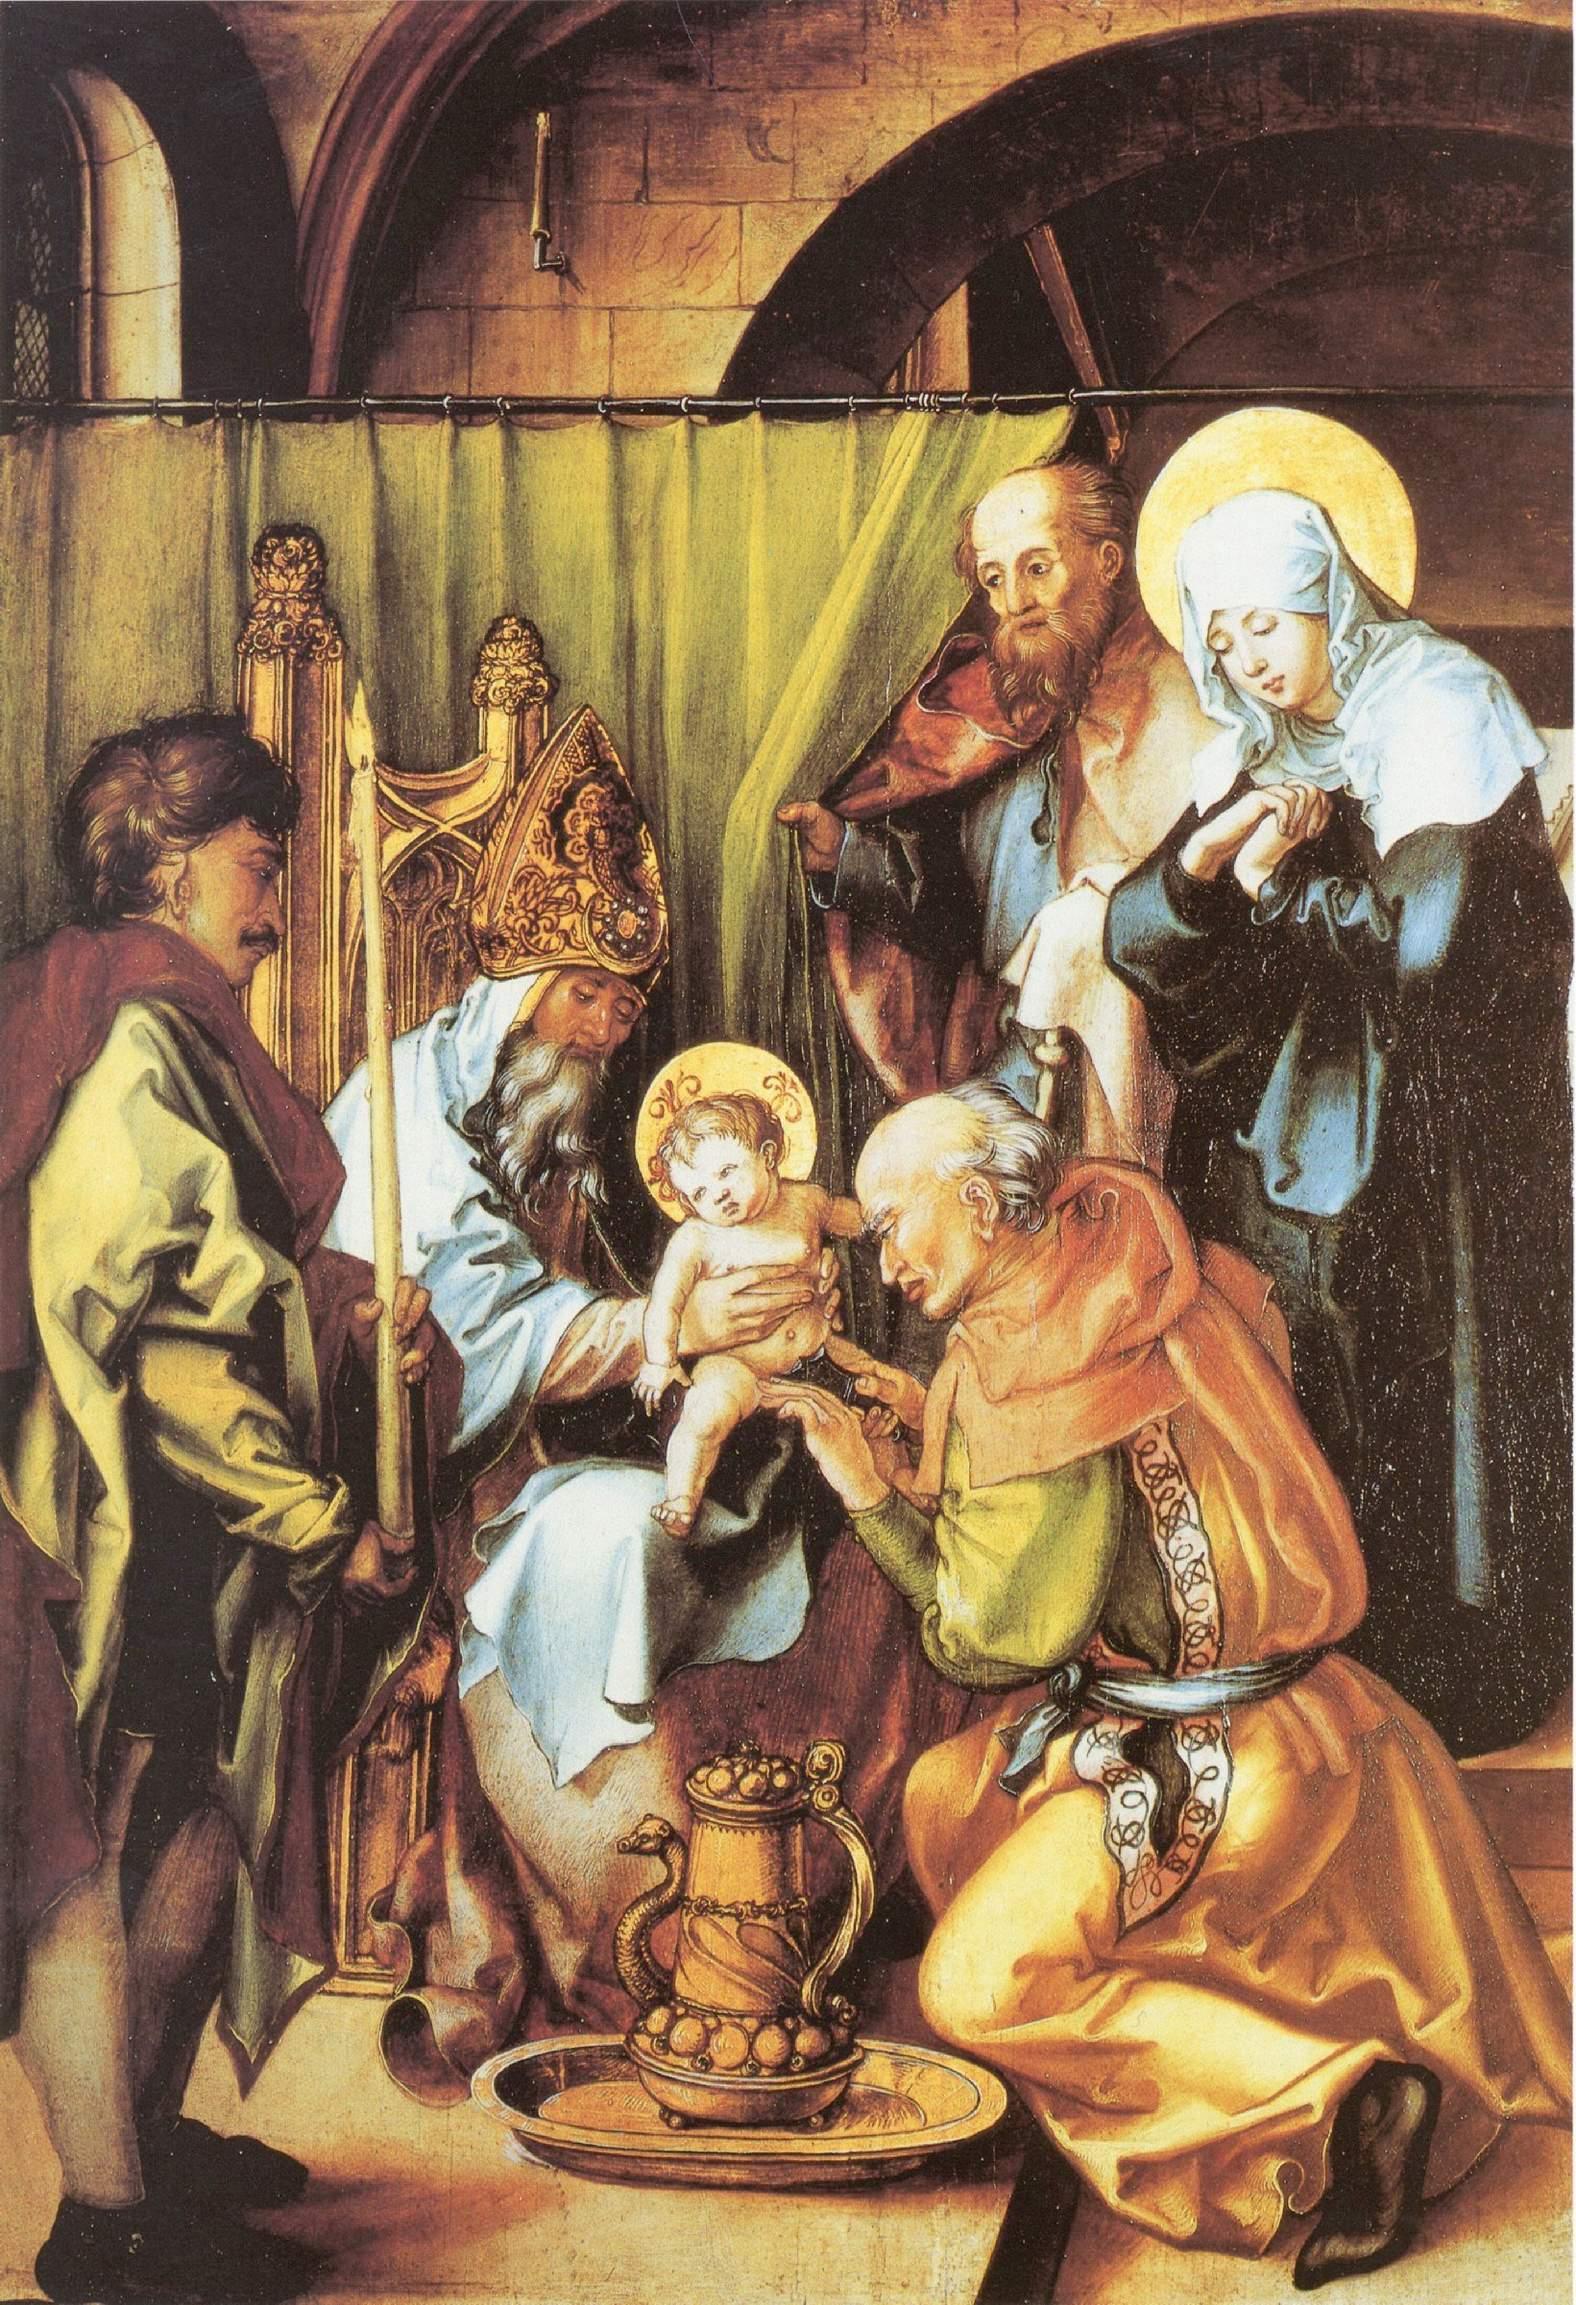 Семь скорбей Марии, центральная часть, Обрезание Христа, Альбрехт Дюрер